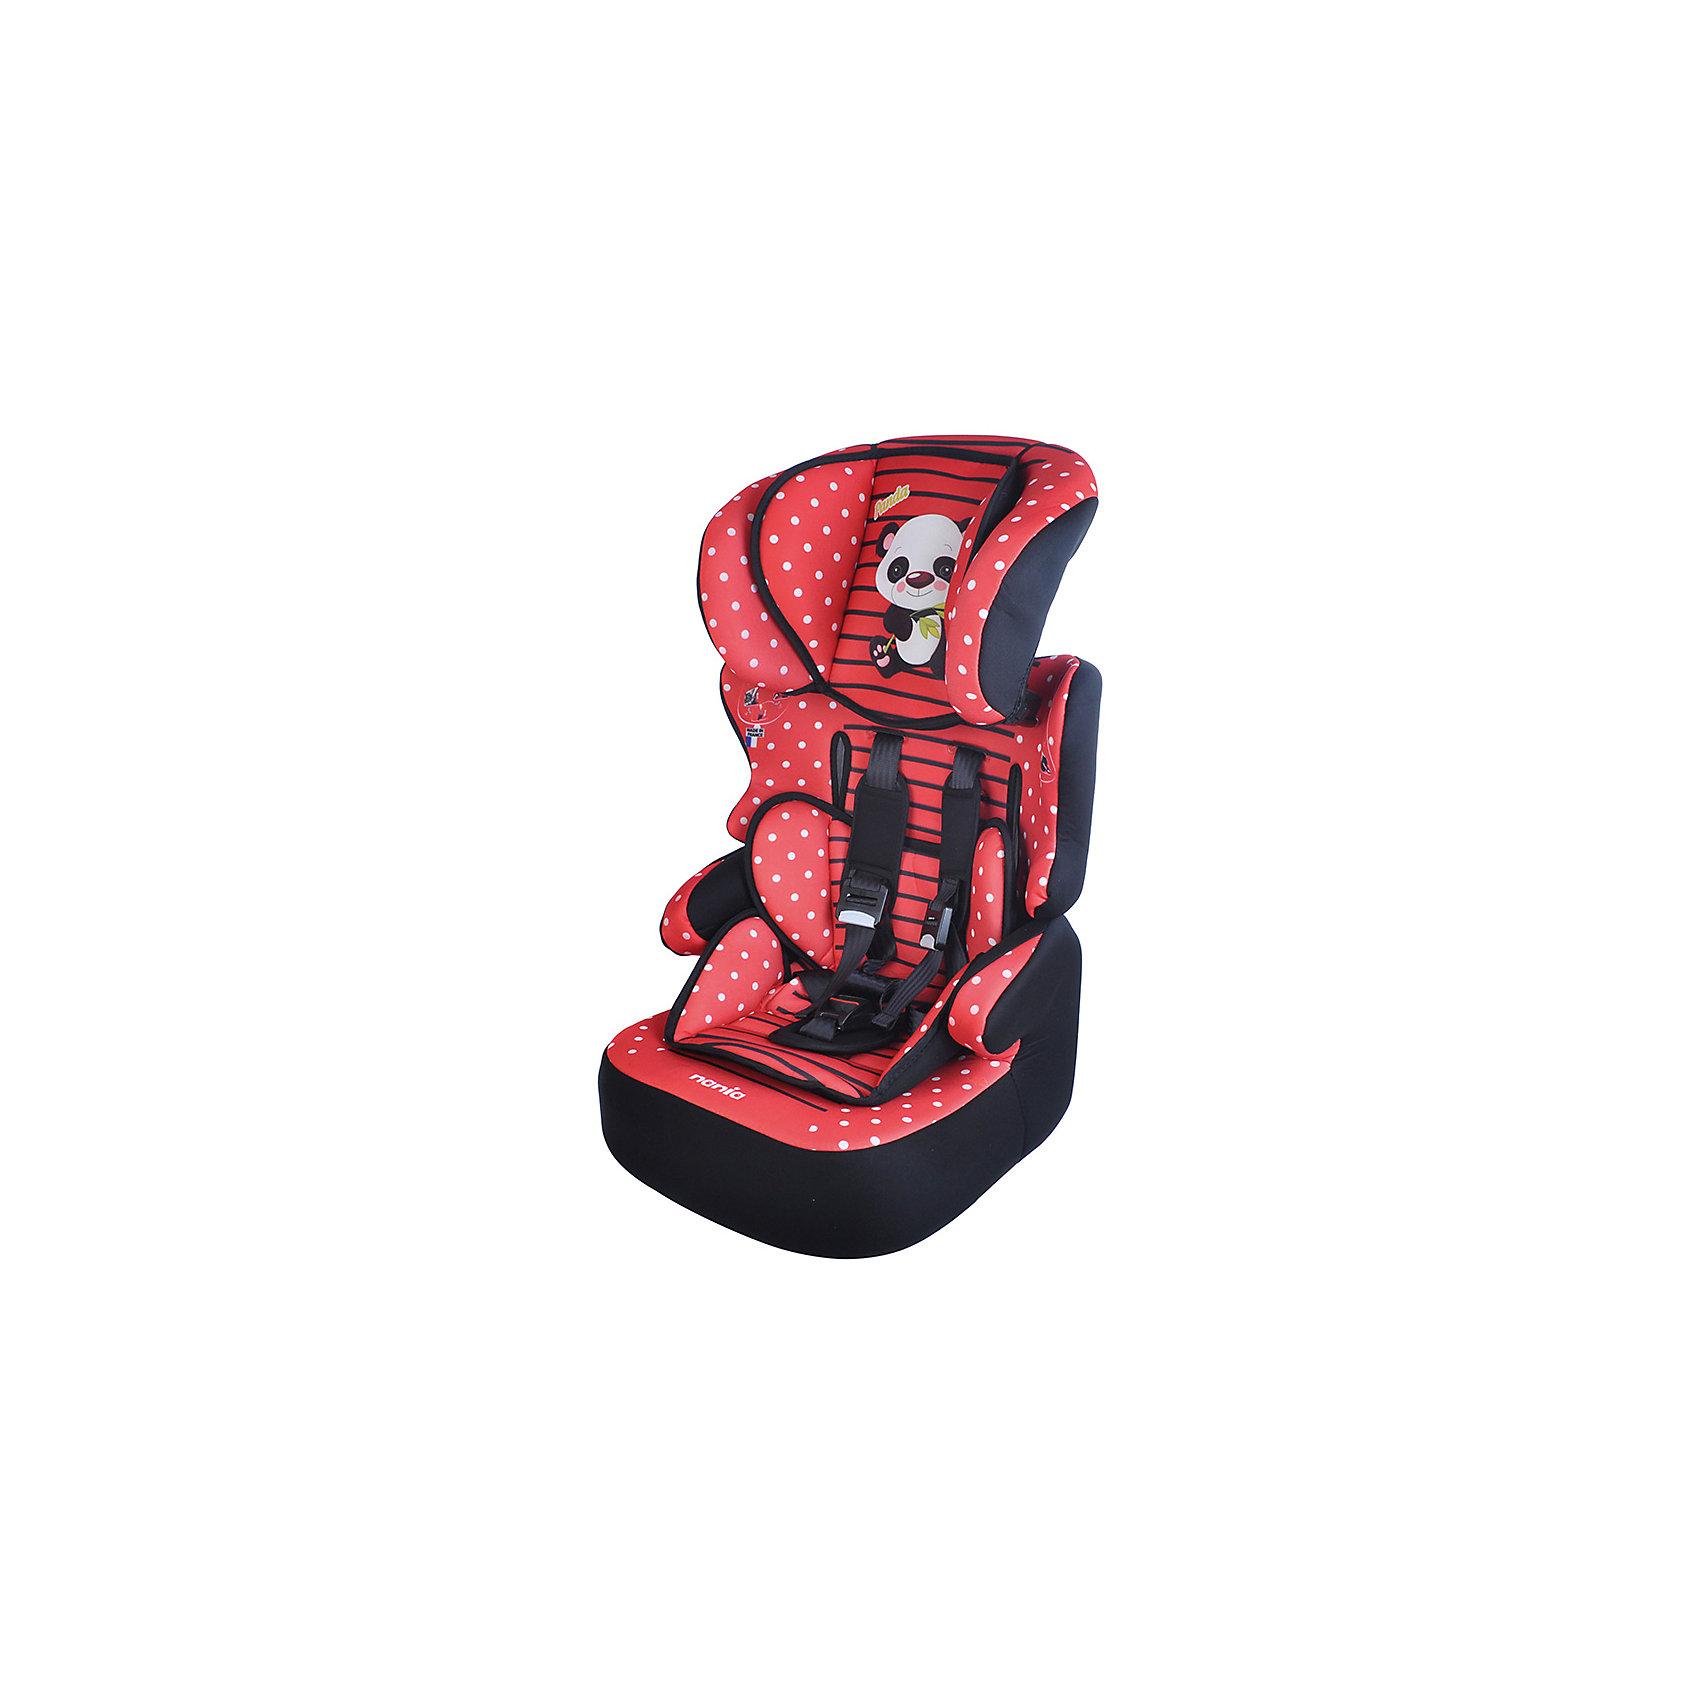 Автокресло Beline SP, 9-36 кг., Nania, panda redАвтокресло Beline SP, 9-36 кг., Nania, panda - это комфортное и безопасное автокресло для детей от 8 месяцев до 12 лет.<br>Автокресло Beline SP, Nania (Нания) сочетает два кресла в одном. Оно предназначено для детей весом от 9 до 36 кг. (группа 1-2-3). Детское автокресло состоит из двух частей: сидение и съемная спинка. Благодаря регулируемой высоте подголовника (6 позиций) кресло растет вместе с ребенком. Анатомически правильно сформированное сидение с мягкой подкладкой, мягкий подголовник закругленной формы, удобные подлокотники обеспечивают комфорт маленького пассажира даже во время длительных путешествий. Автокресло Beline SP было разработано согласно самым жестким требованиям безопасности. Система боковой защиты SP – Side Protection убережёт ребёнка от серьезных травм во время бокового столкновения. Для надежной фиксации ребенка имеется регулируемый 5-точечный ремень безопасности с плечевыми накладками. Когда ребенок подрастет, спинку автокресла можно отстегнуть и использовать только бустер. Вы без труда закрепите кресло в салоне Вашего автомобиля с помощью штатных ремней безопасности. Если ребенок весит от 9 до 18 кг, нужно использовать фиксирующий зажим ремня безопасности, который прикреплен шнурком к спинке автокресла. Автокресло устанавливается по ходу движения автомобиля. Приятной особенностью этого автокресла является его яркий интересный дизайн – принт в виде пятнистой окраски и изображение милого маленького леопарда на подголовнике. Все тканевые части легко снимаются и стираются, что позволит креслу выглядеть прекрасно долгие годы. Соответствует Европейскому Стандарту ЕСЕ R44/04.<br><br>Дополнительная информация:<br><br>- Группа 1-2-3 (9-36 кг), от 8 месяцев до 12 лет<br>- Размер: 45 х 45 х 72-88 см.<br>- Высота спинки: 64-75 см.<br>- Размер сиденья: 34 х 30 см.<br>- Вес: 4,7 кг.<br>- Материал: ударопрочный пластик, полиэстер<br>- Стирка покрытия автокресла при температуре 30 C<br><br>Автокресло Beline SP,